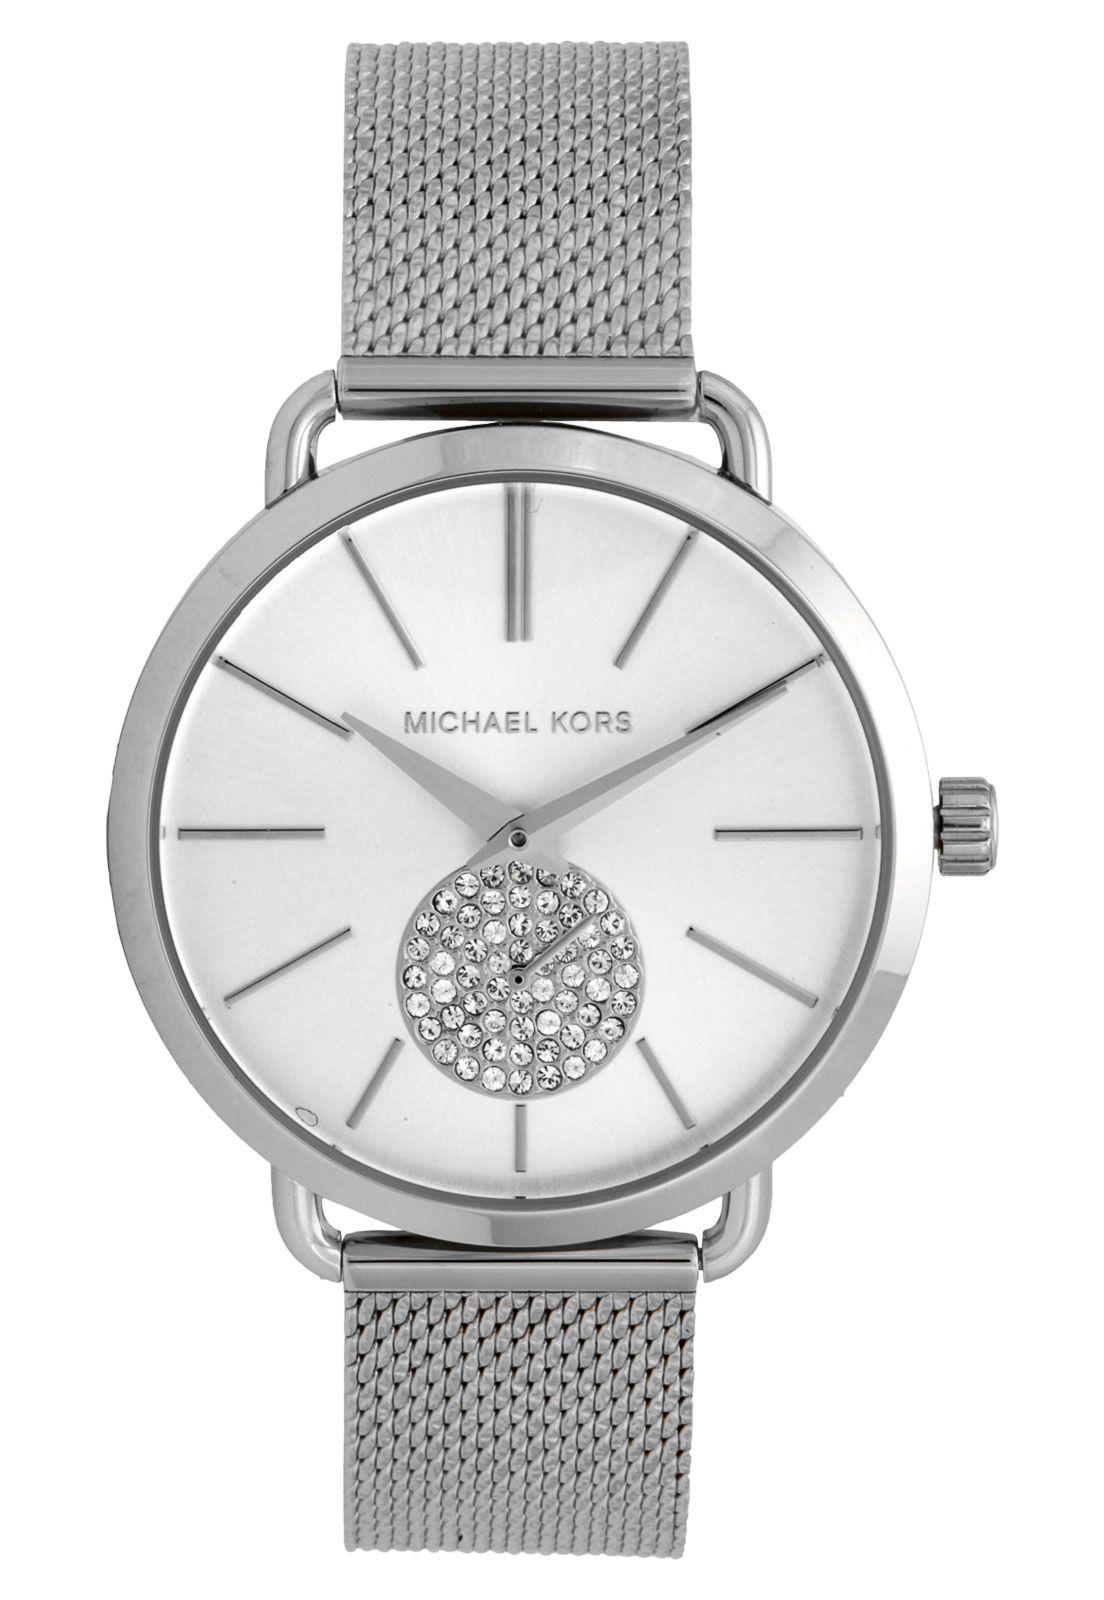 Relógio Michael Kors Feminino MK3843/1KN